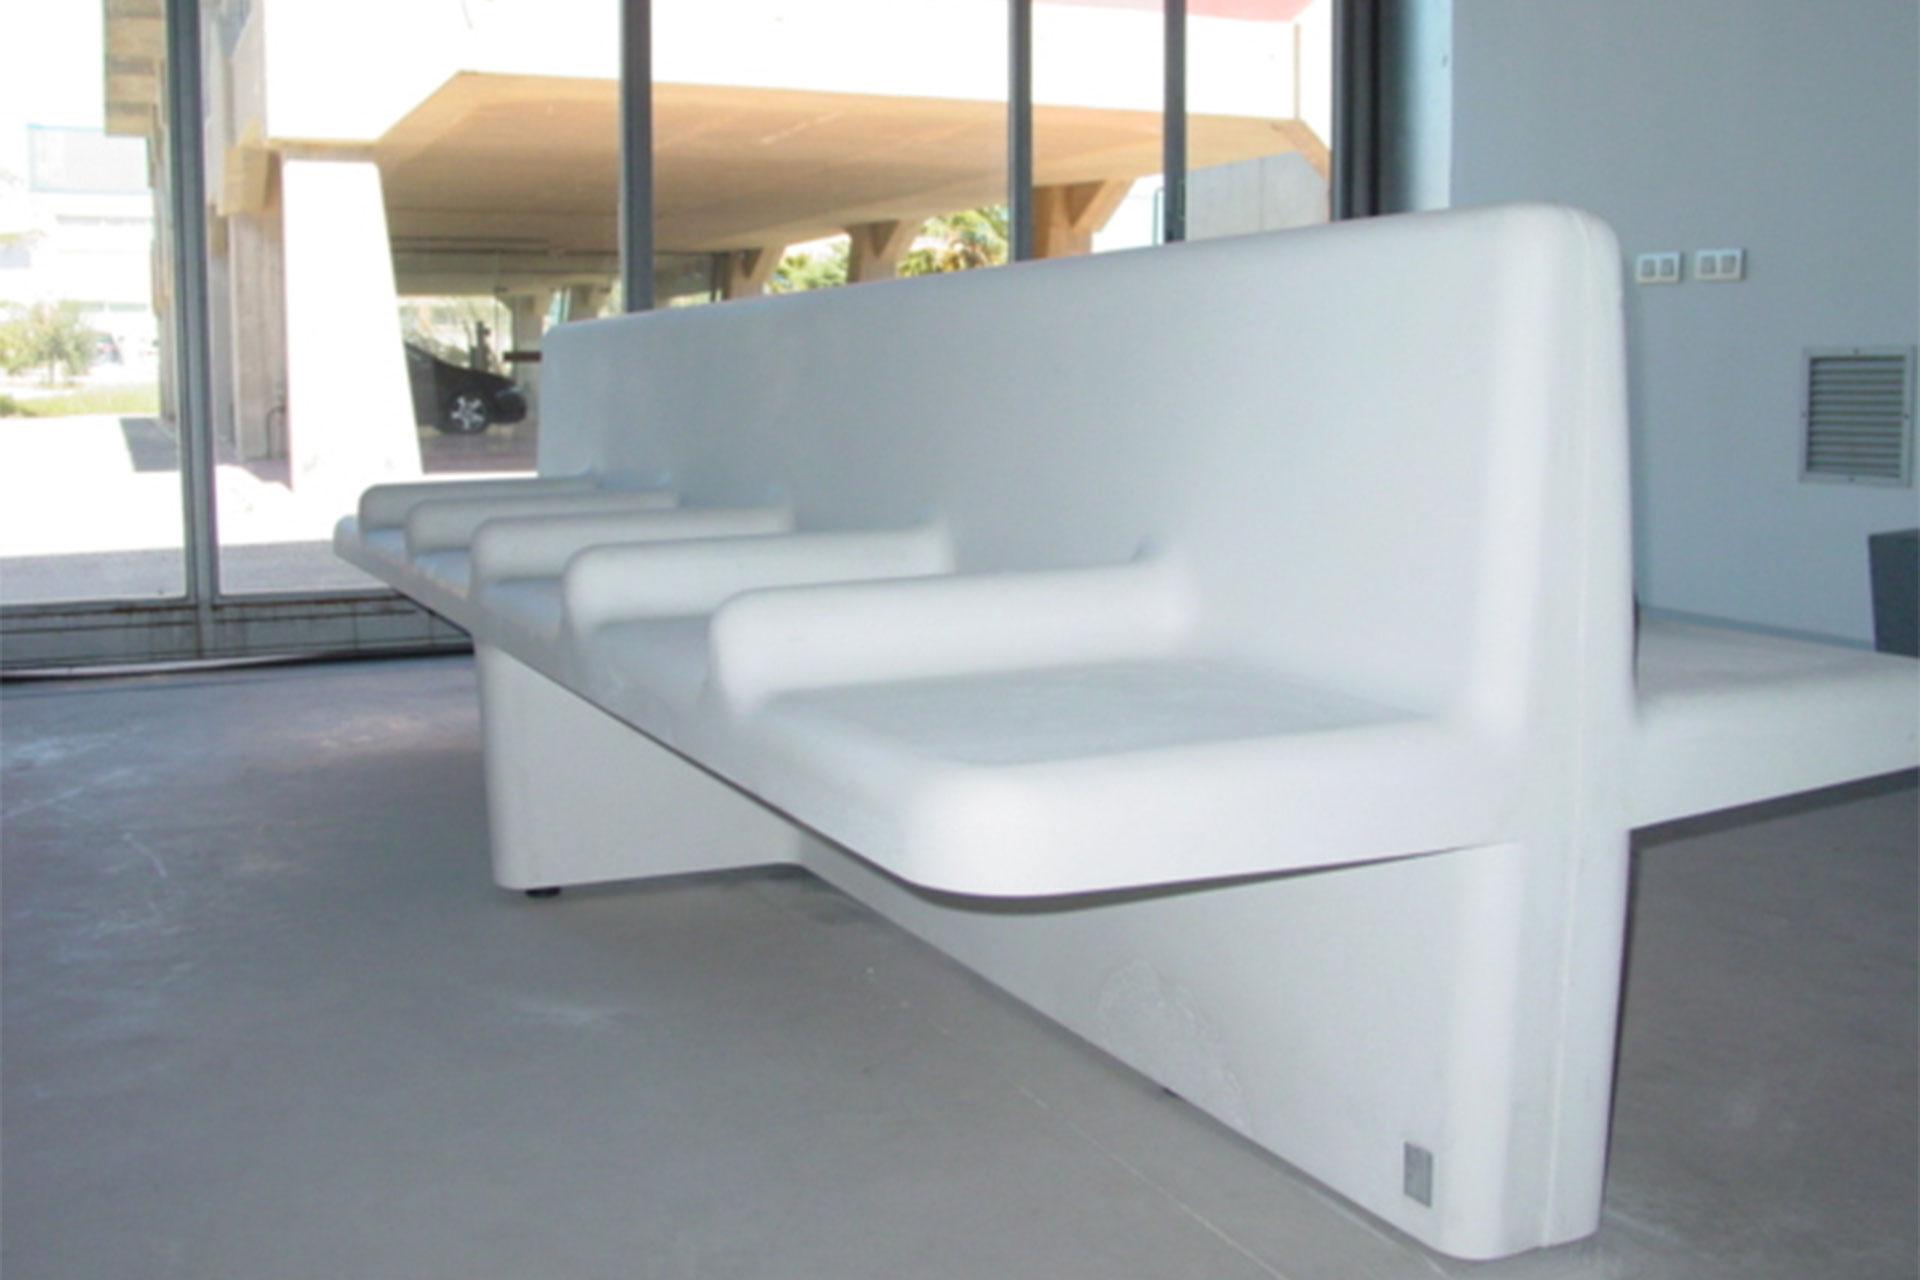 UrbanObjekts Nu Sitzgelegenheit